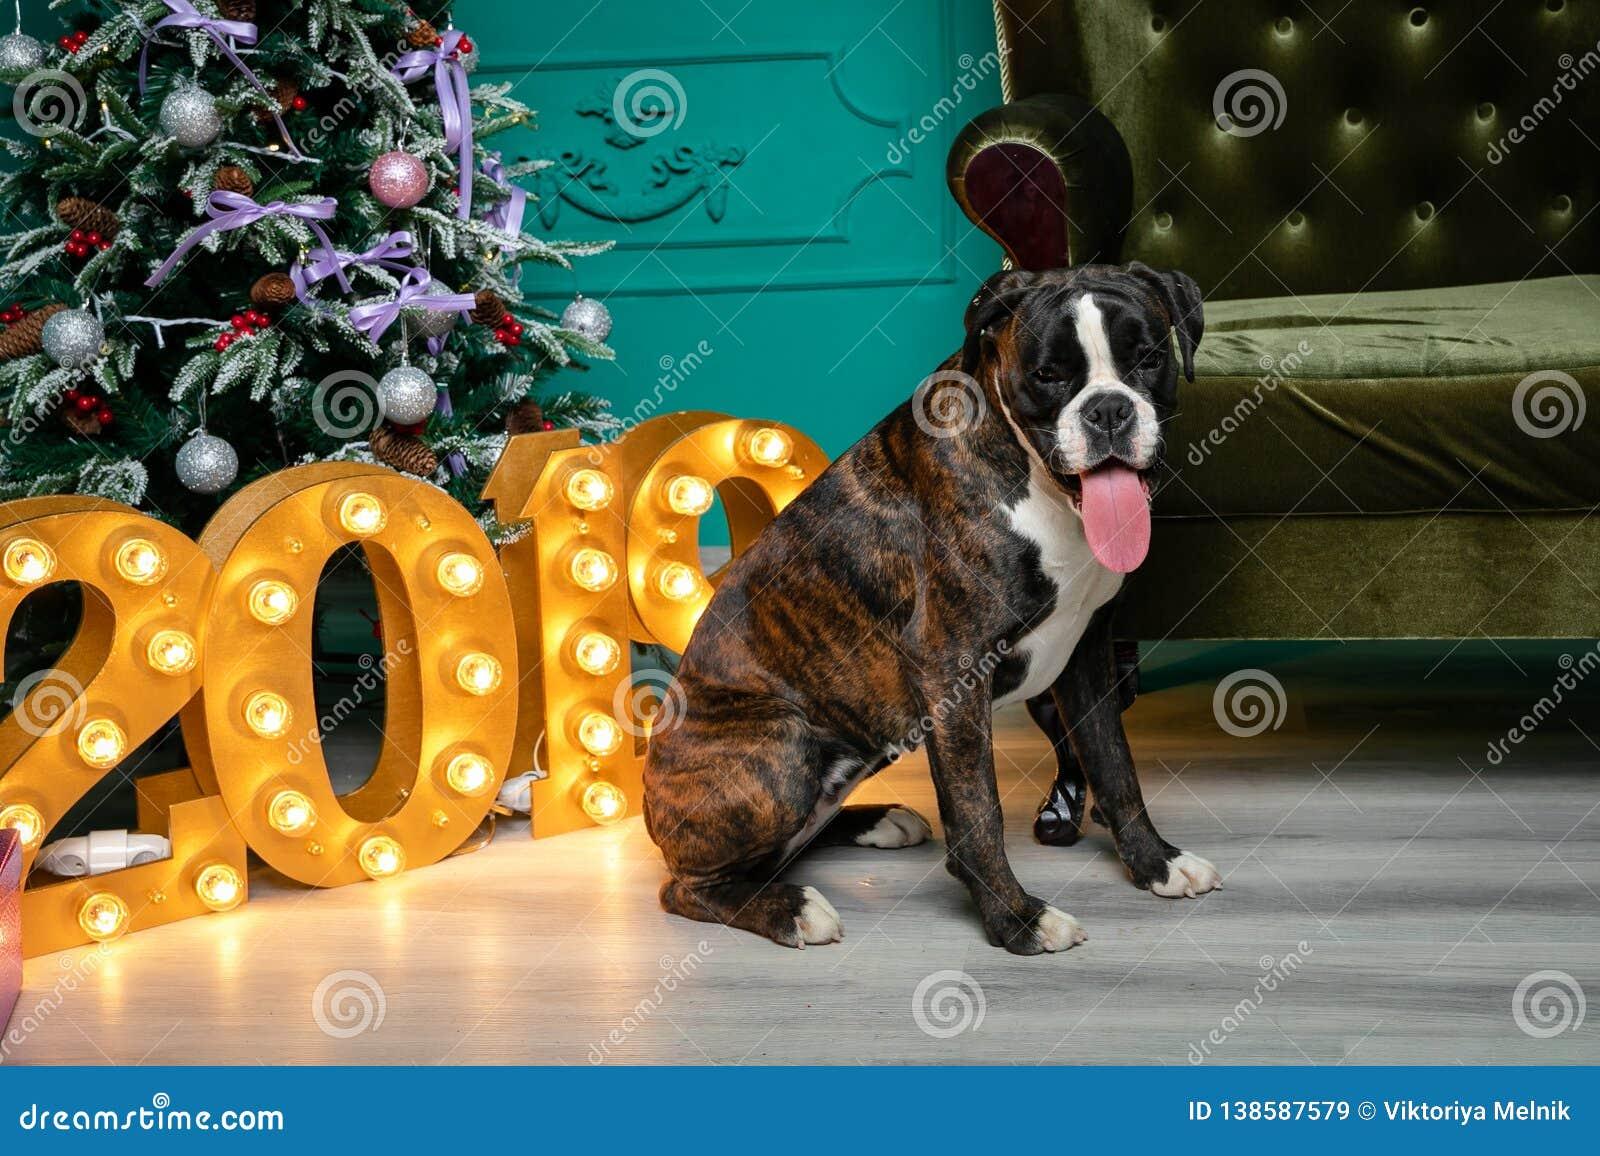 Σκυλί, γερμανικό καφετής-και-λευκό μπόξερ, με το προεξέχον κορίτσι γλωσσών καθμένος μπροστά από το χριστουγεννιάτικο δέντρο, σχήμ